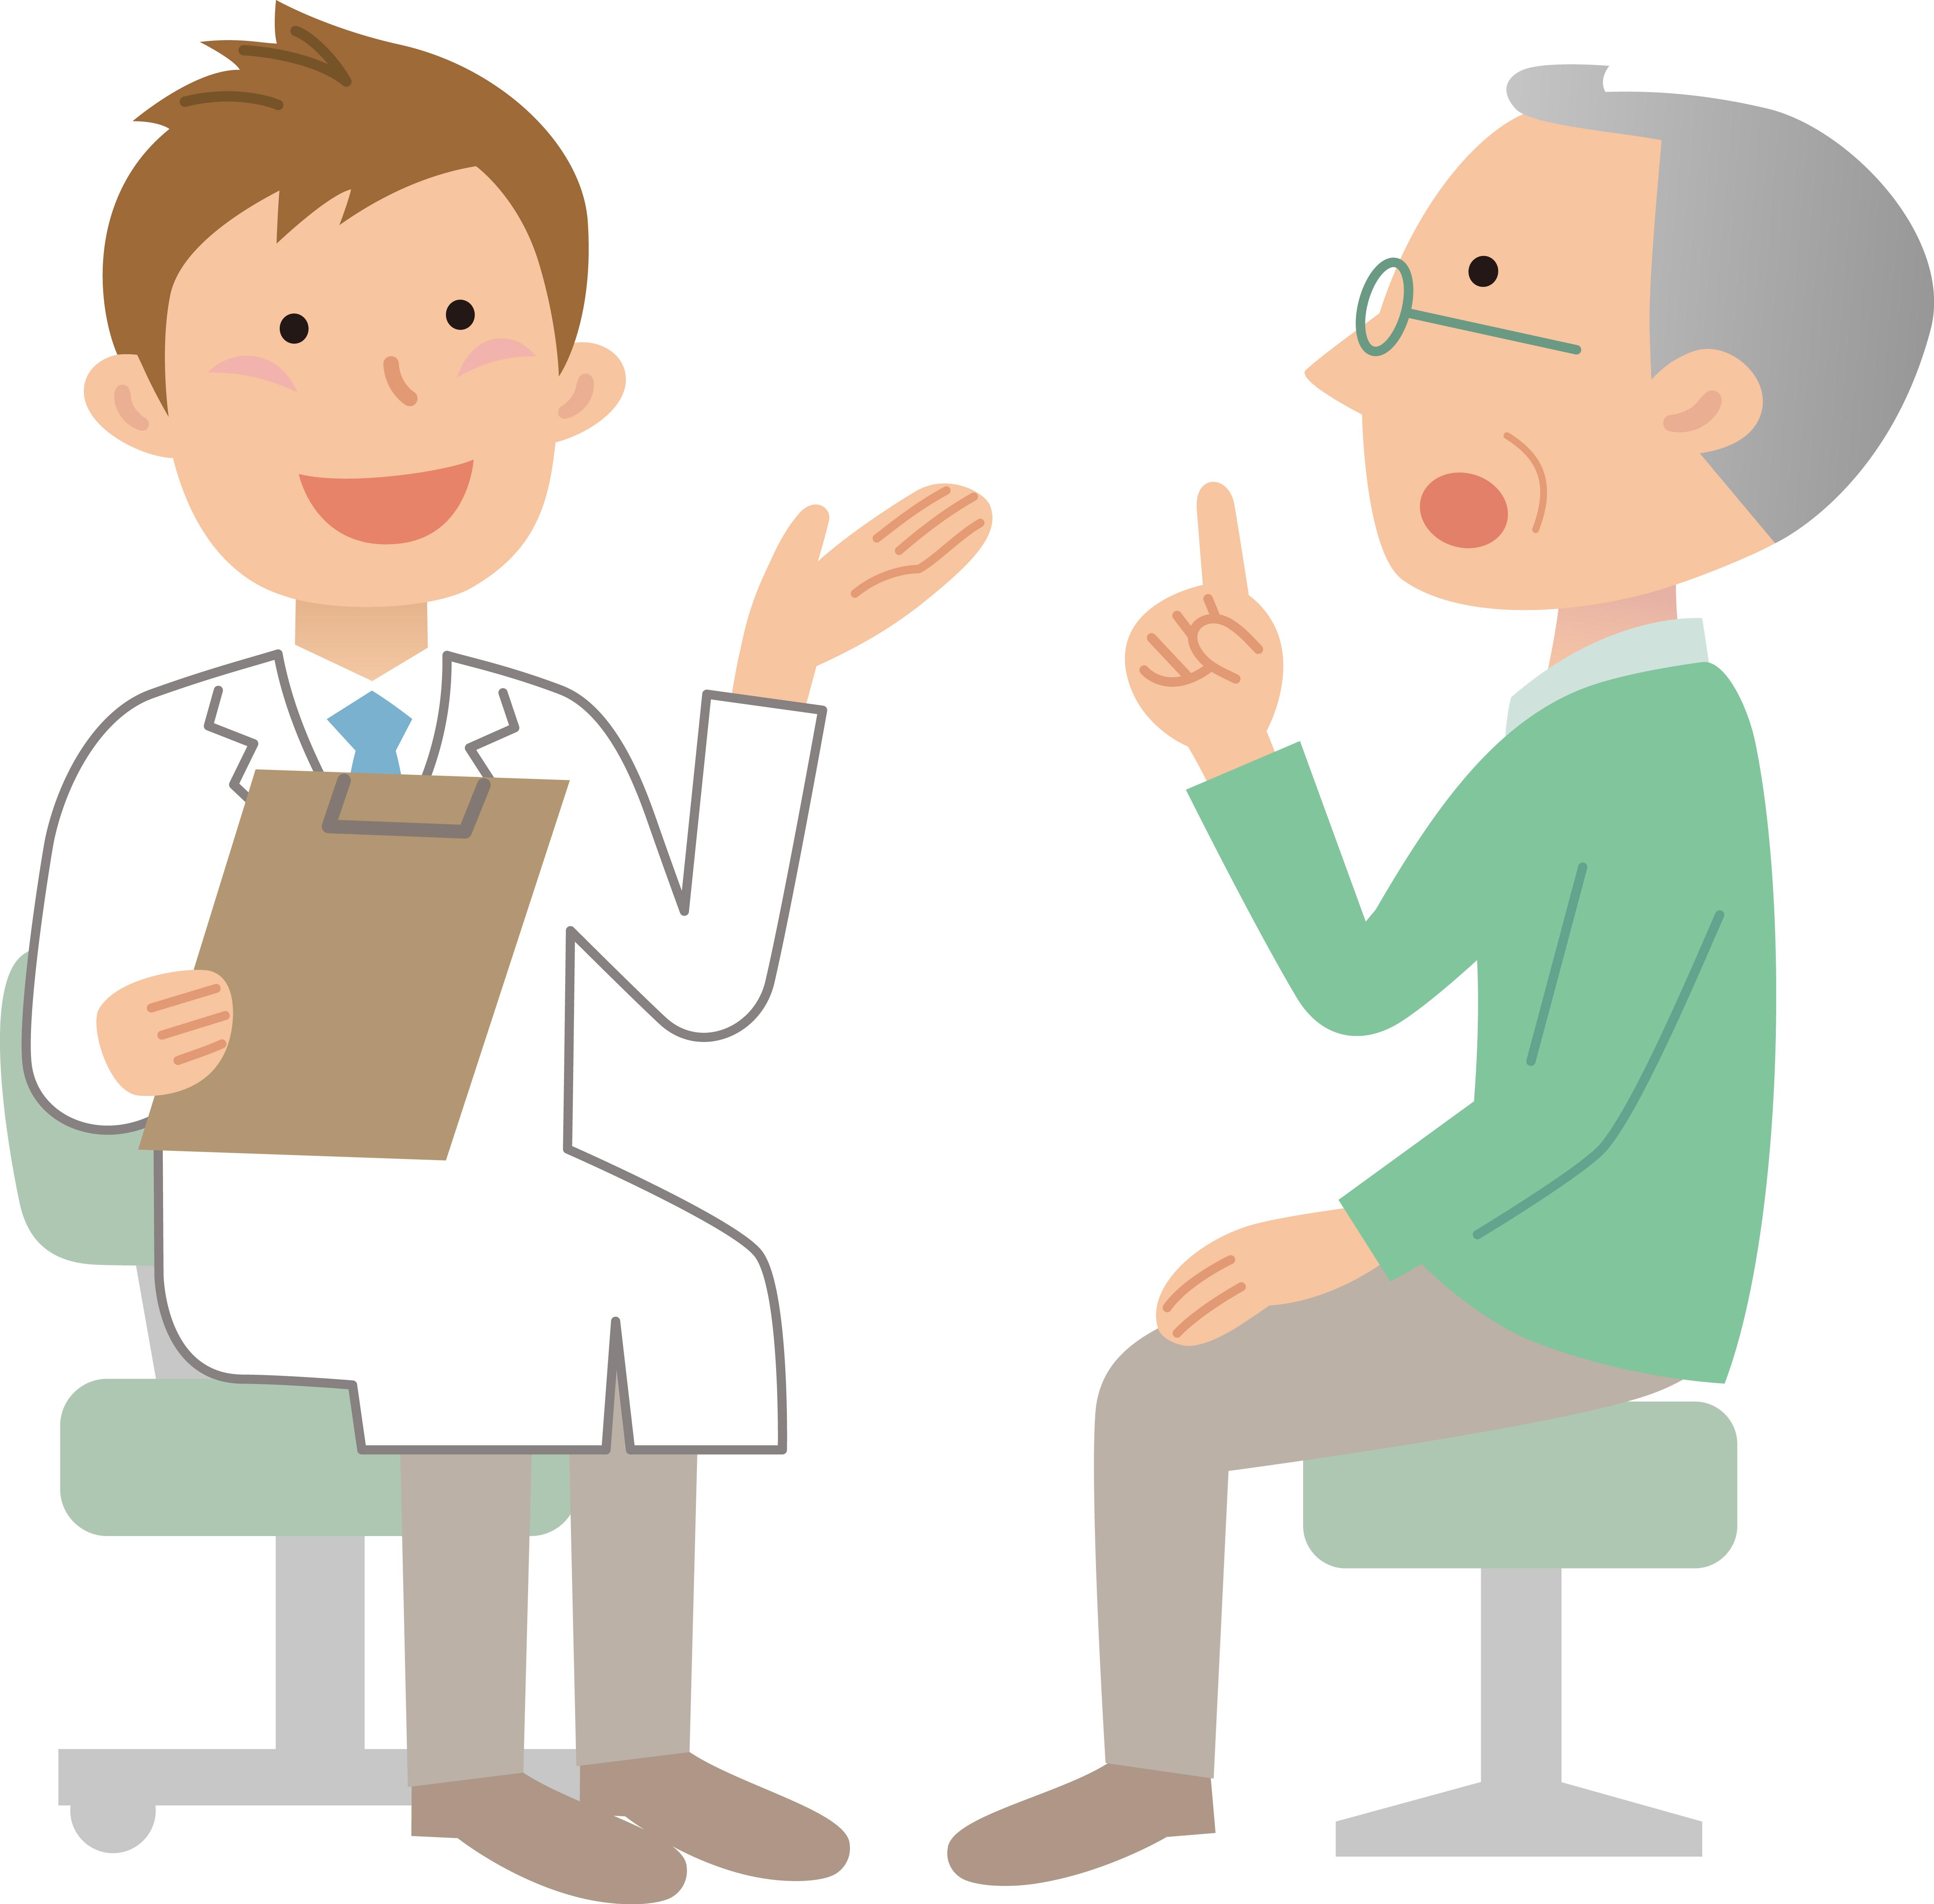 認知症の症状と疑われる場合・検査・治療について